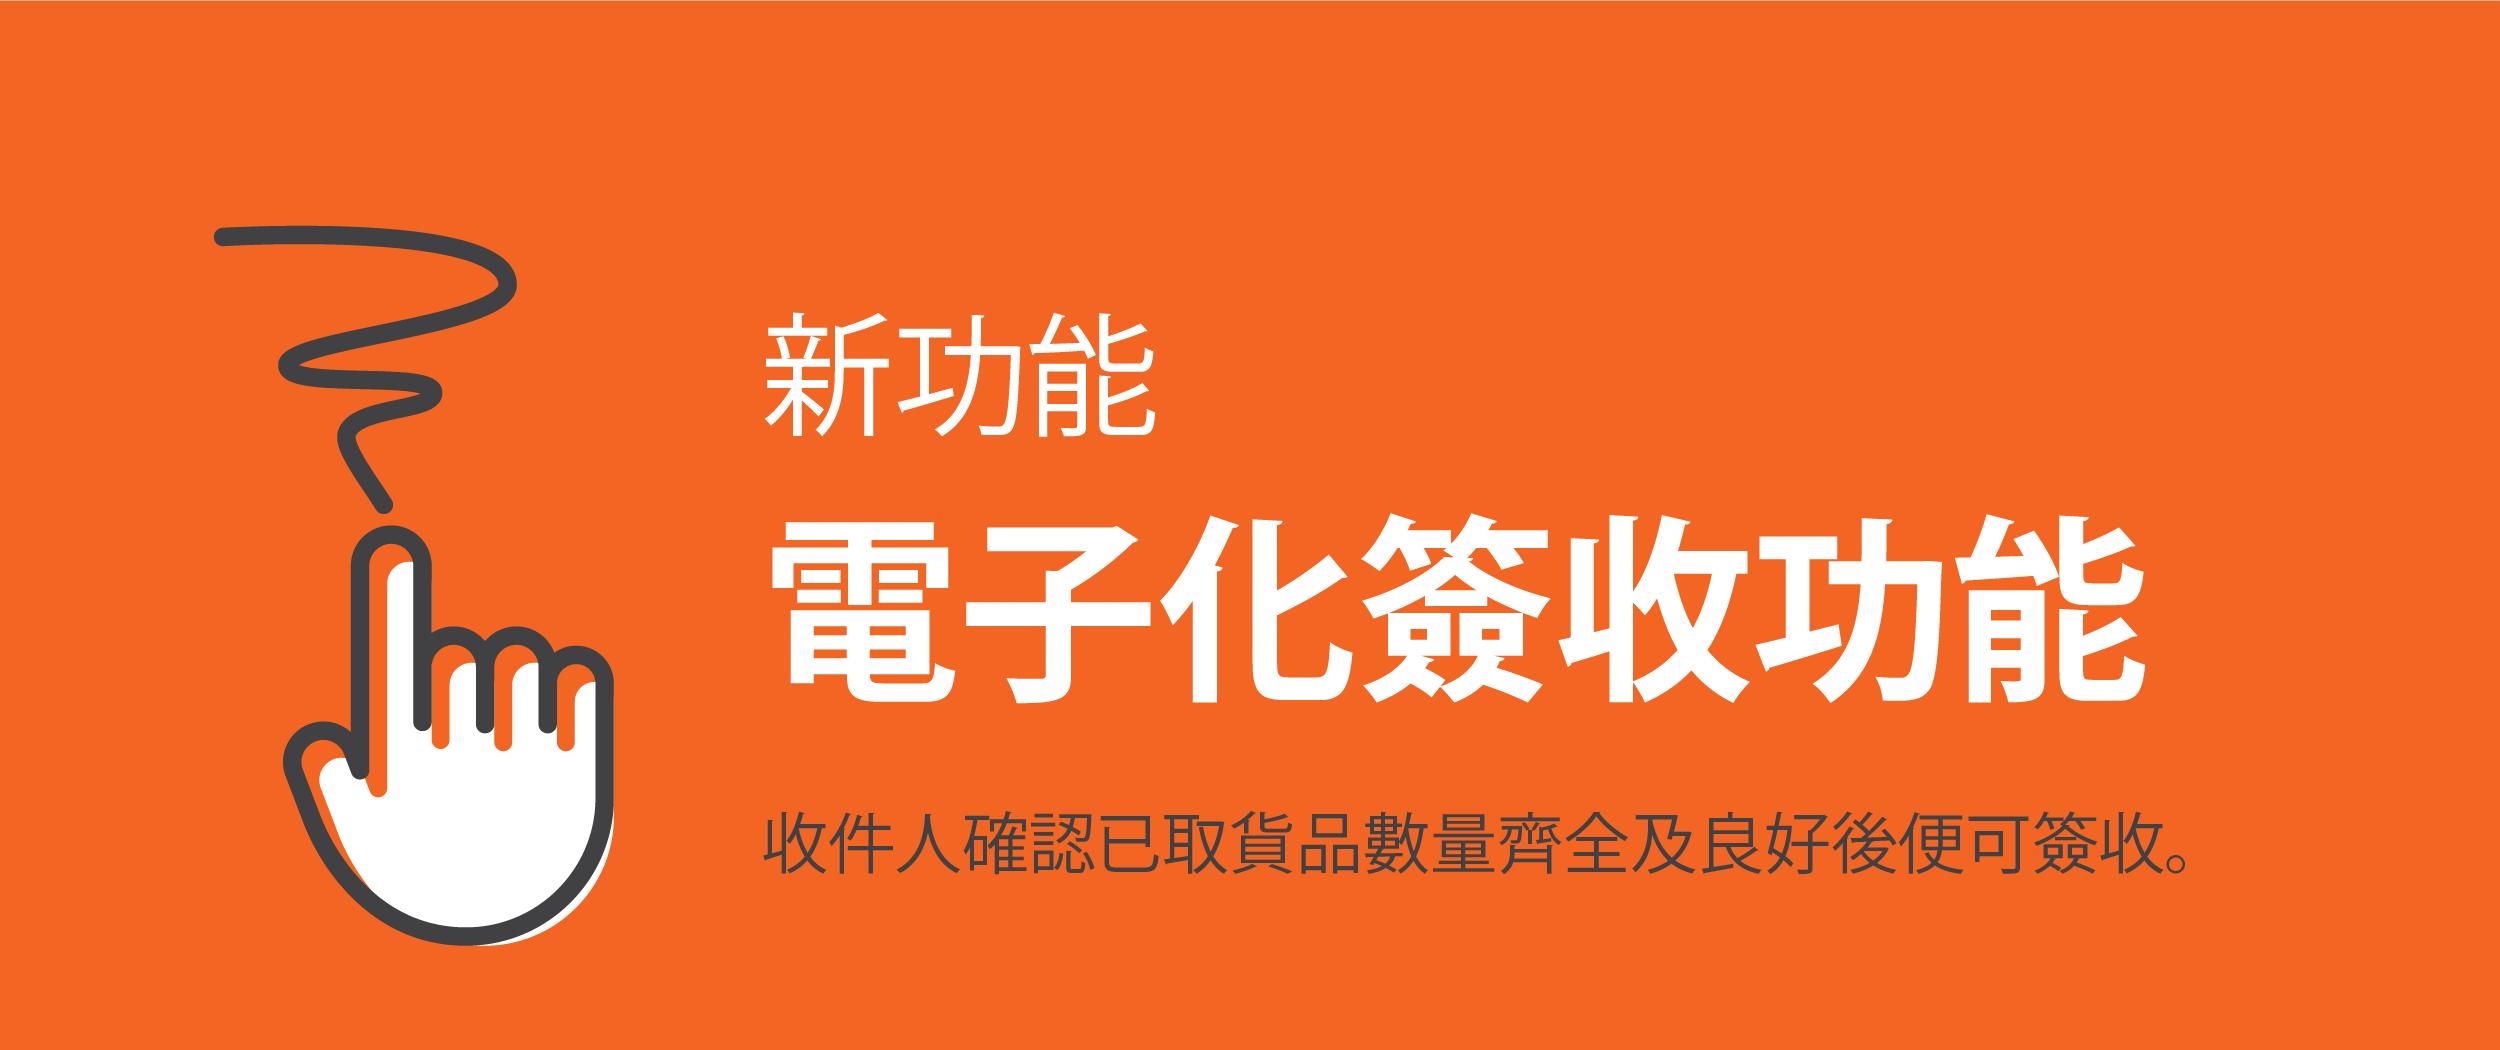 20171120_POD_instruction_Banner-HK 2